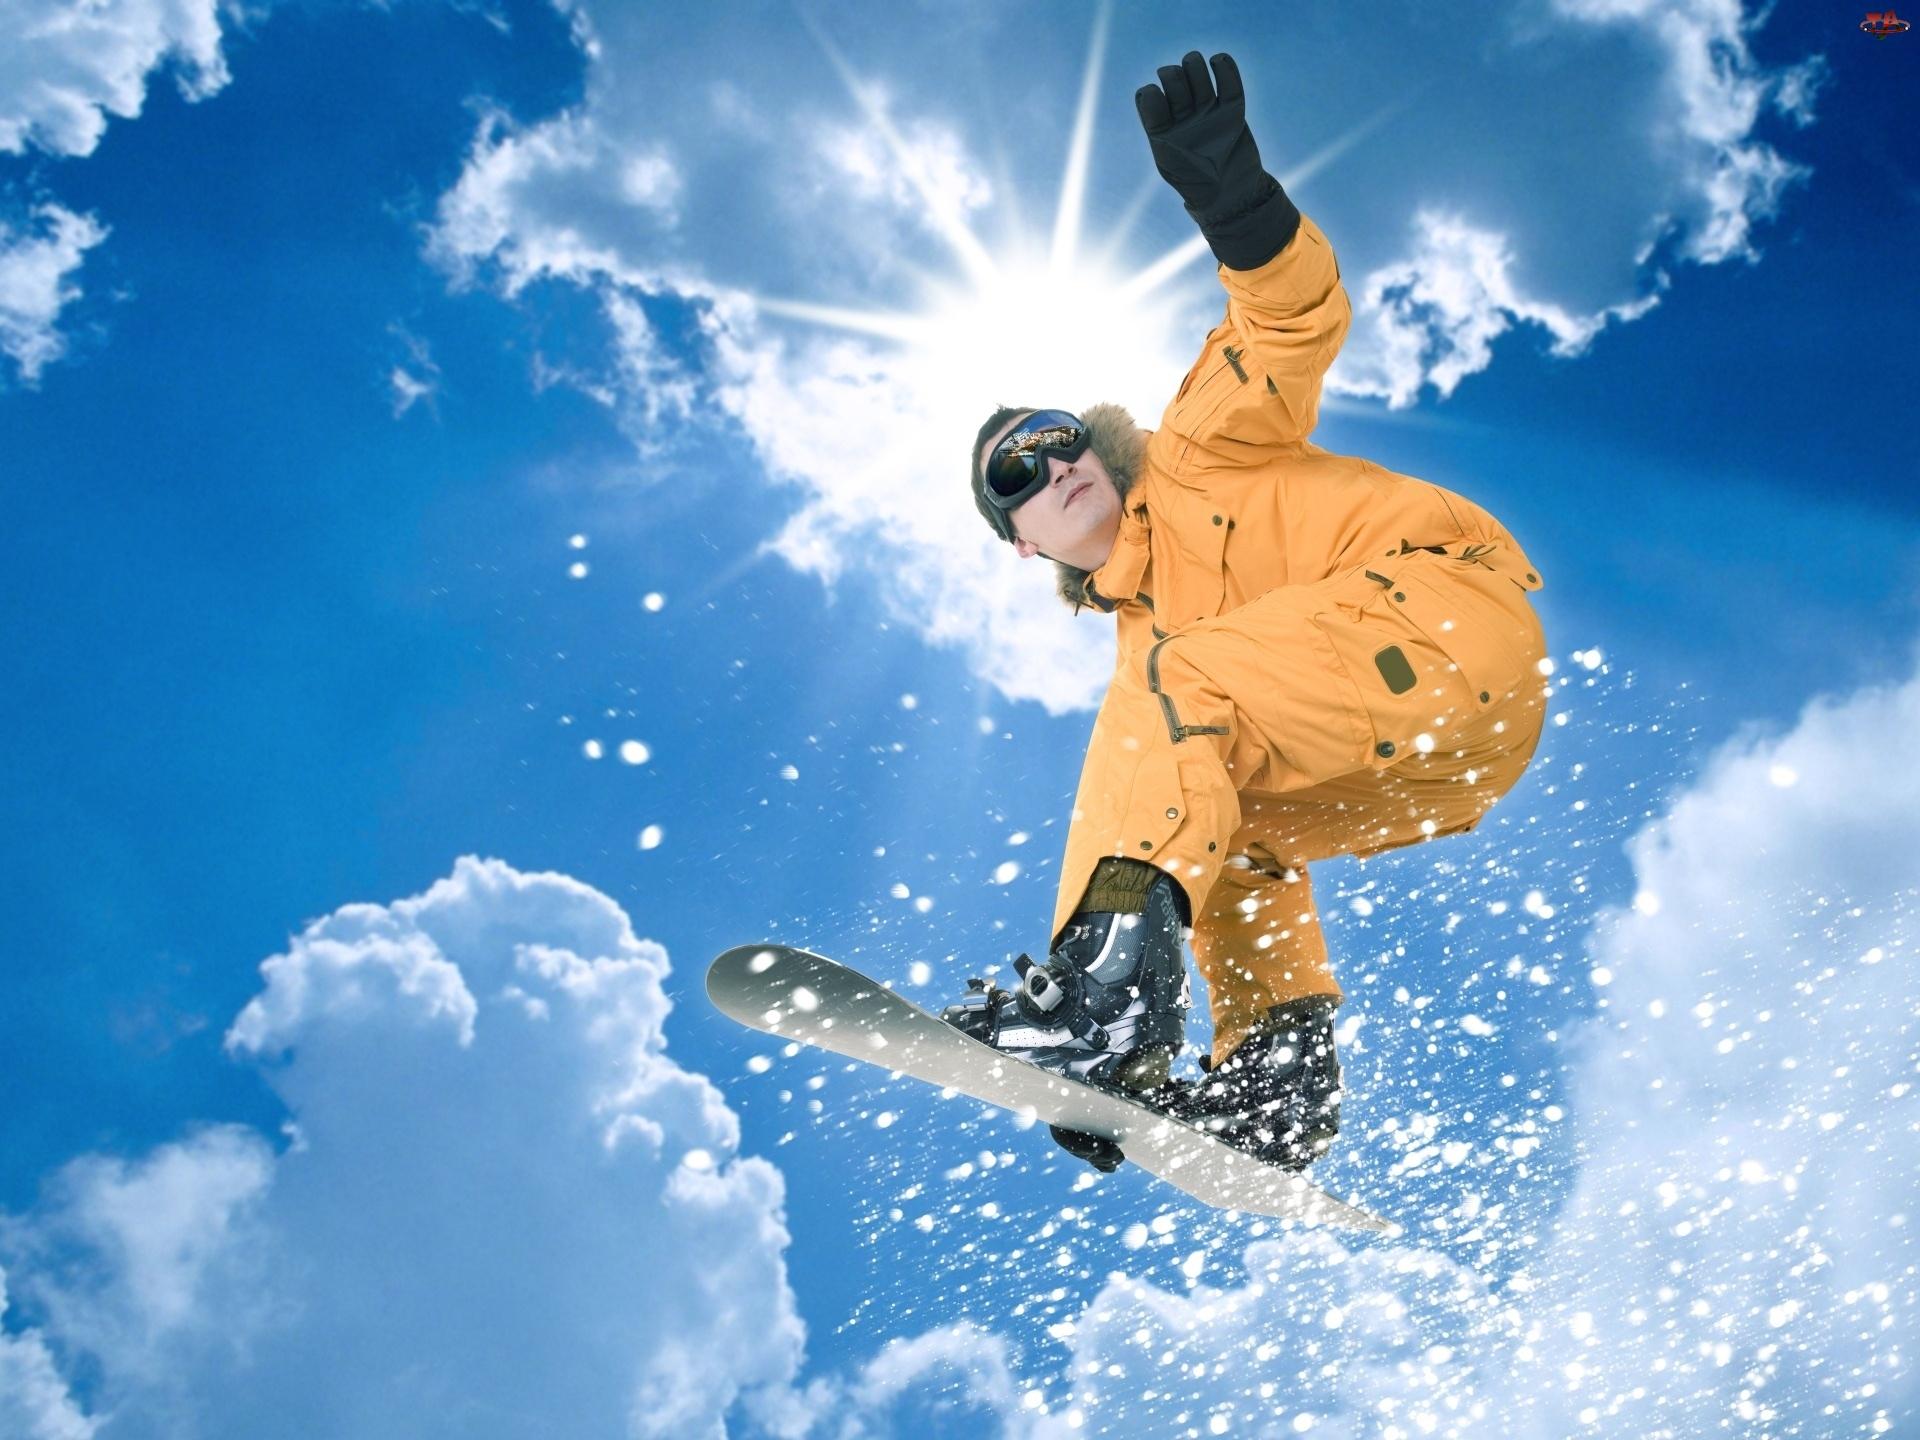 Gogle, Snowboarding, Kombinezon, Pomarańczowy, Słońce